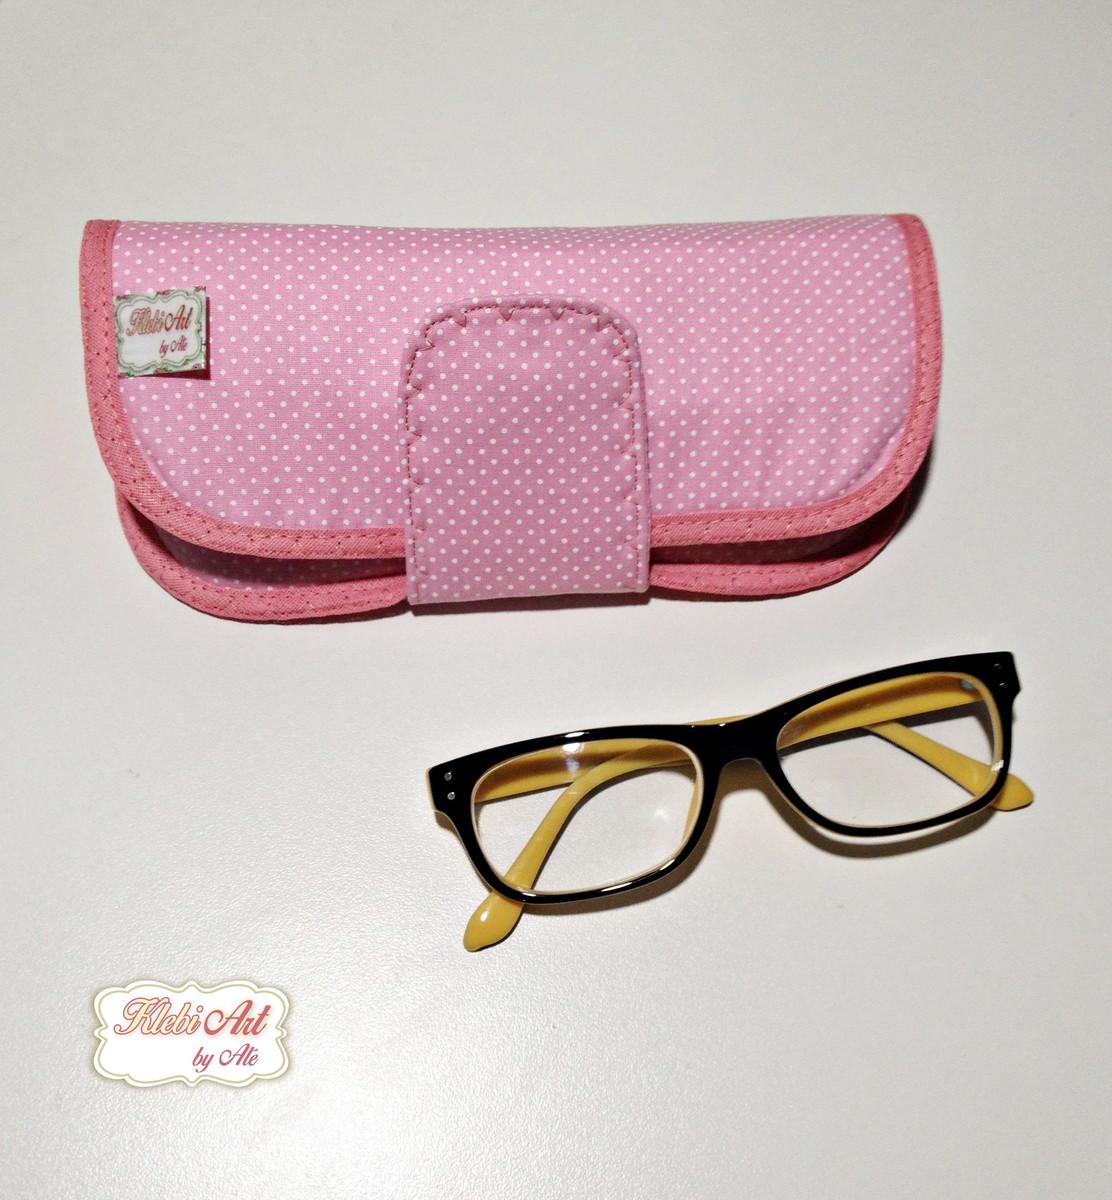 6d310a765bc41 porta-oculos-bolsa-de-oculos